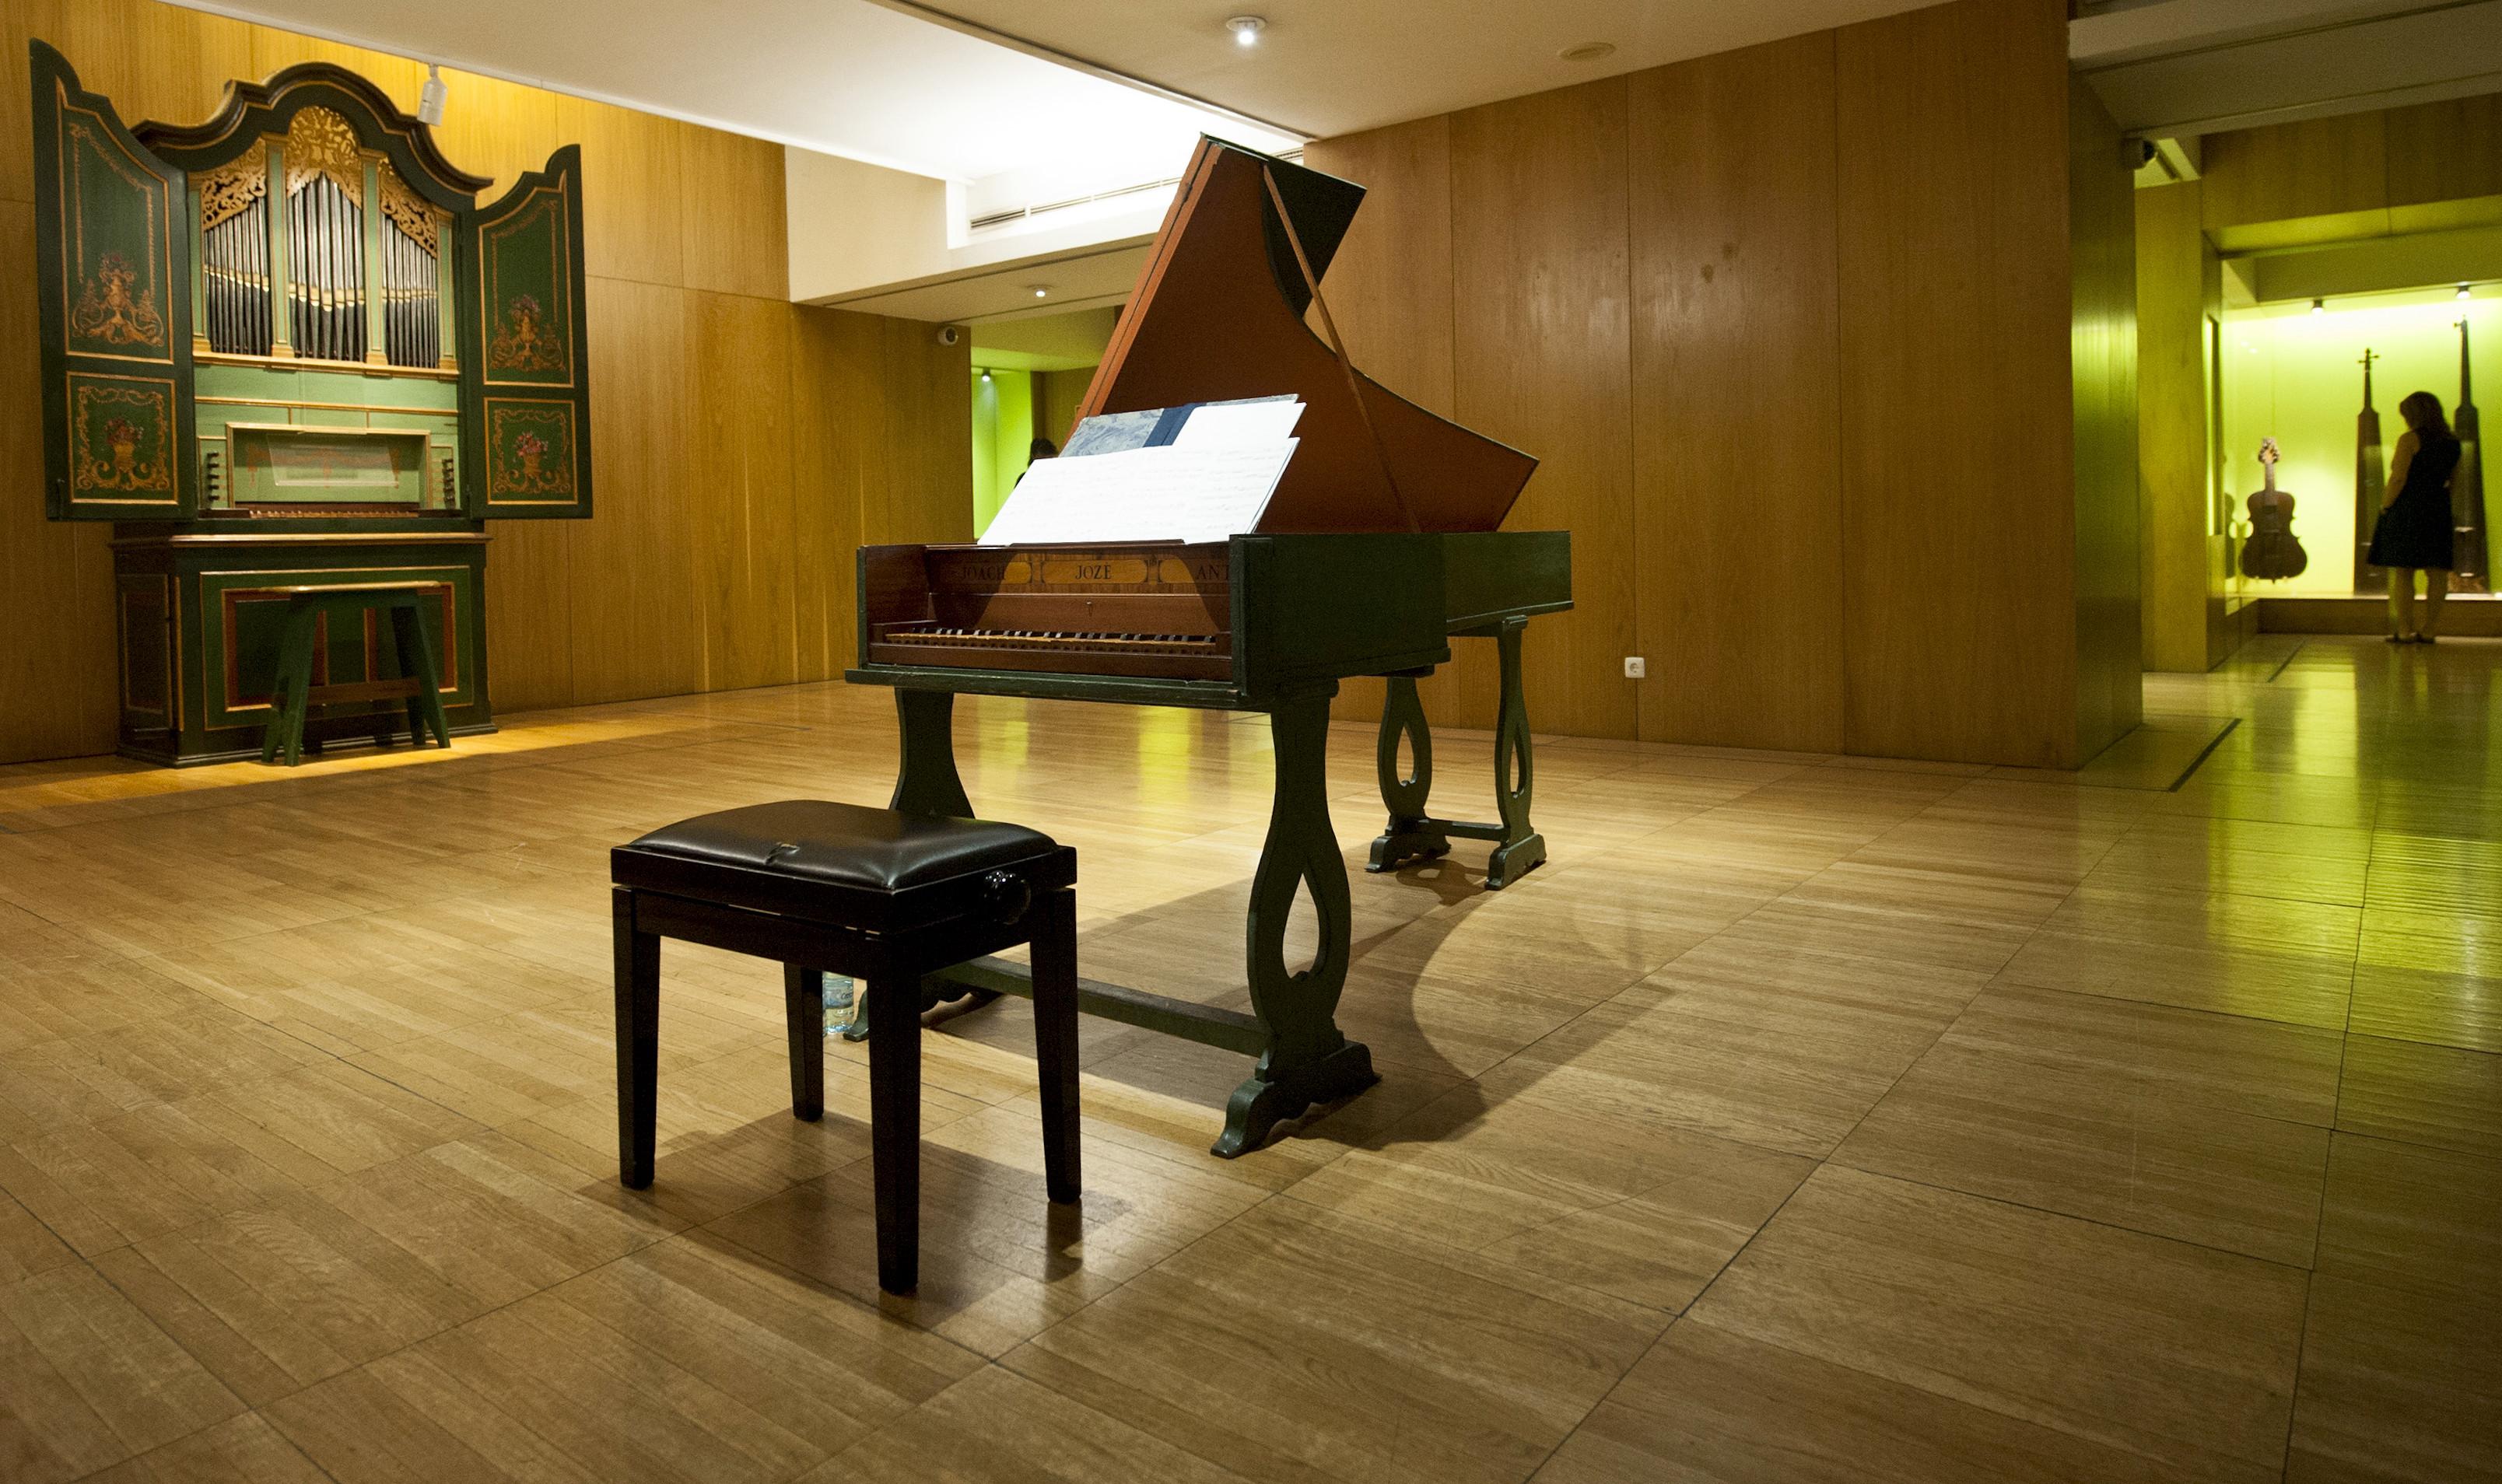 Alunos do Conservatório Nacionalatuam hojeno Museu da Música